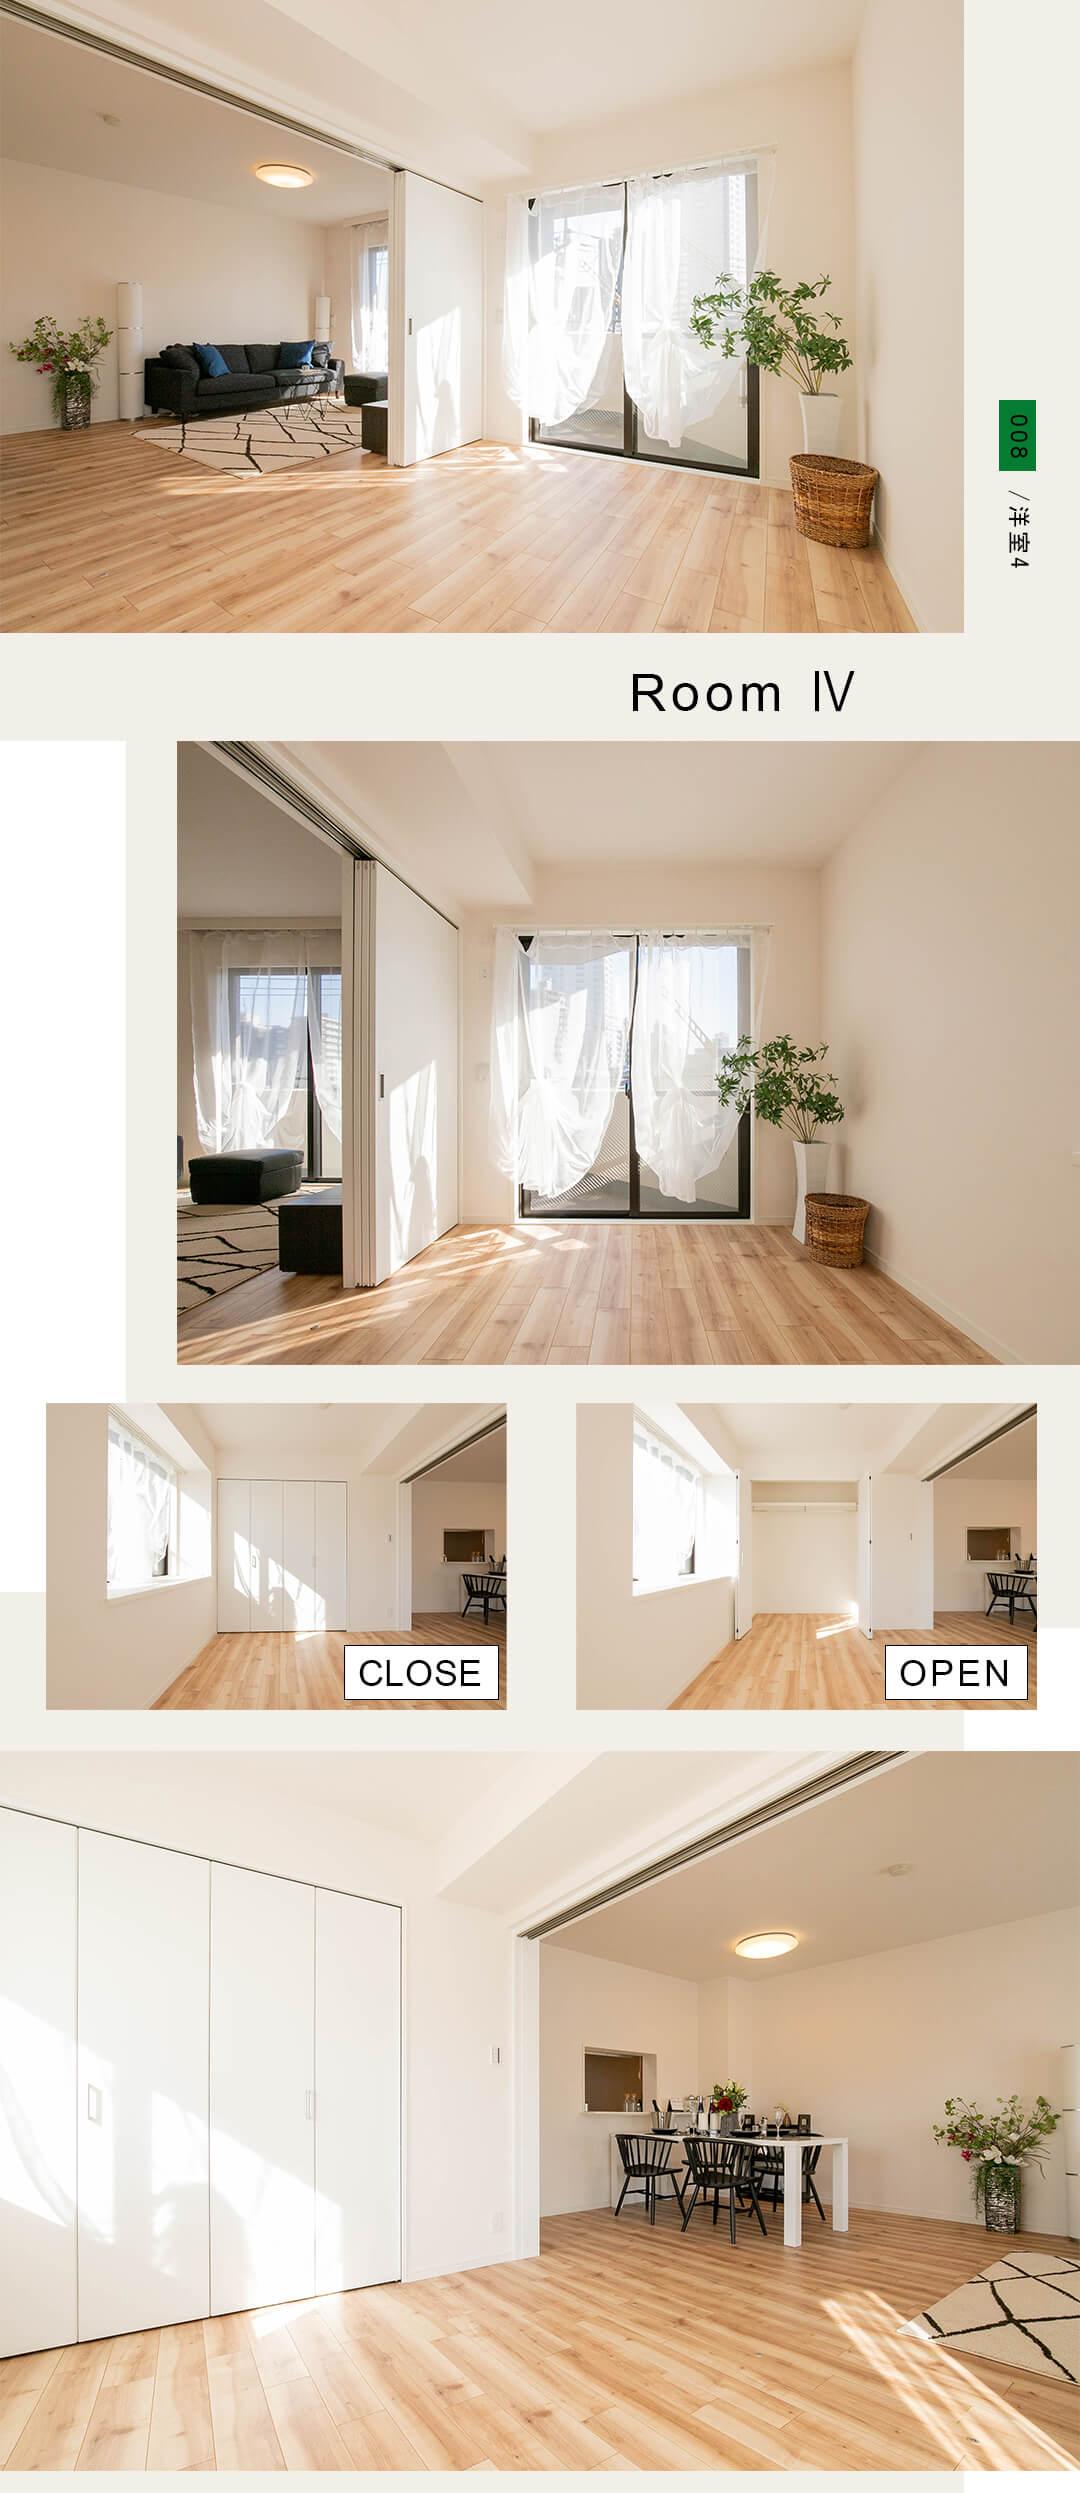 08洋室4,Room Ⅳ